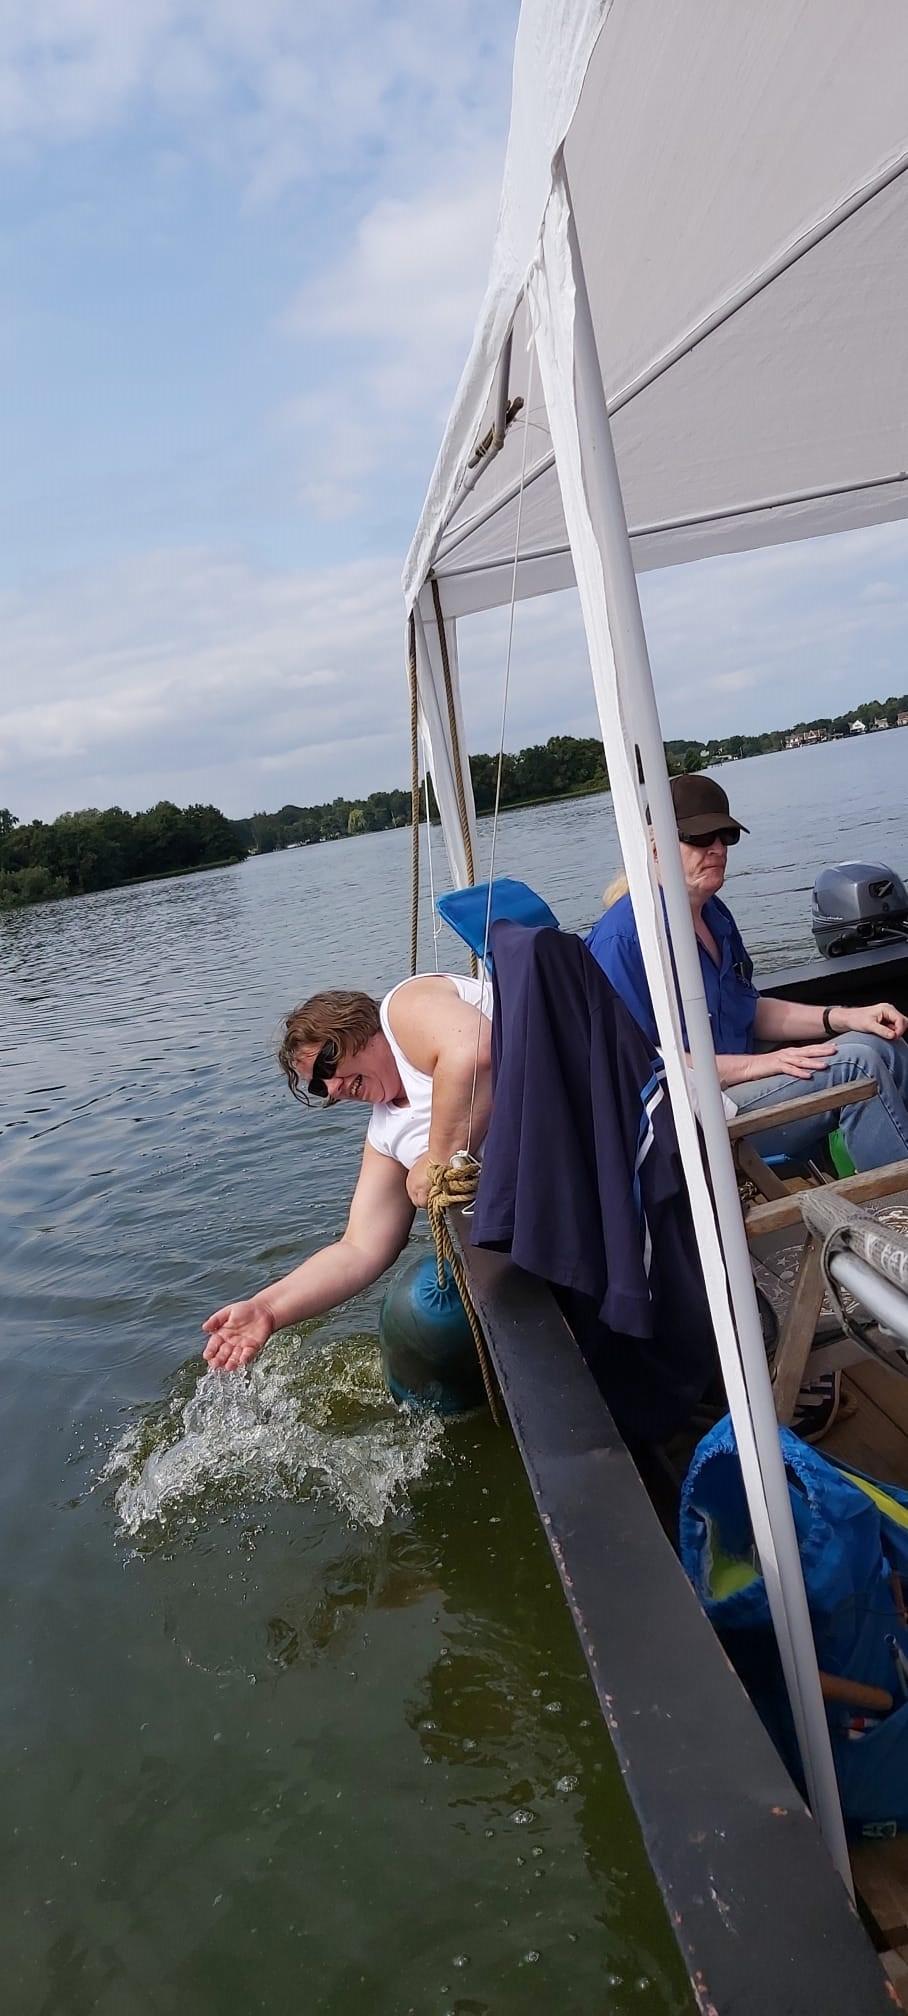 Laura voelt hoe diep de praam in het water ligt en daarbij glijdt haar hand door het water